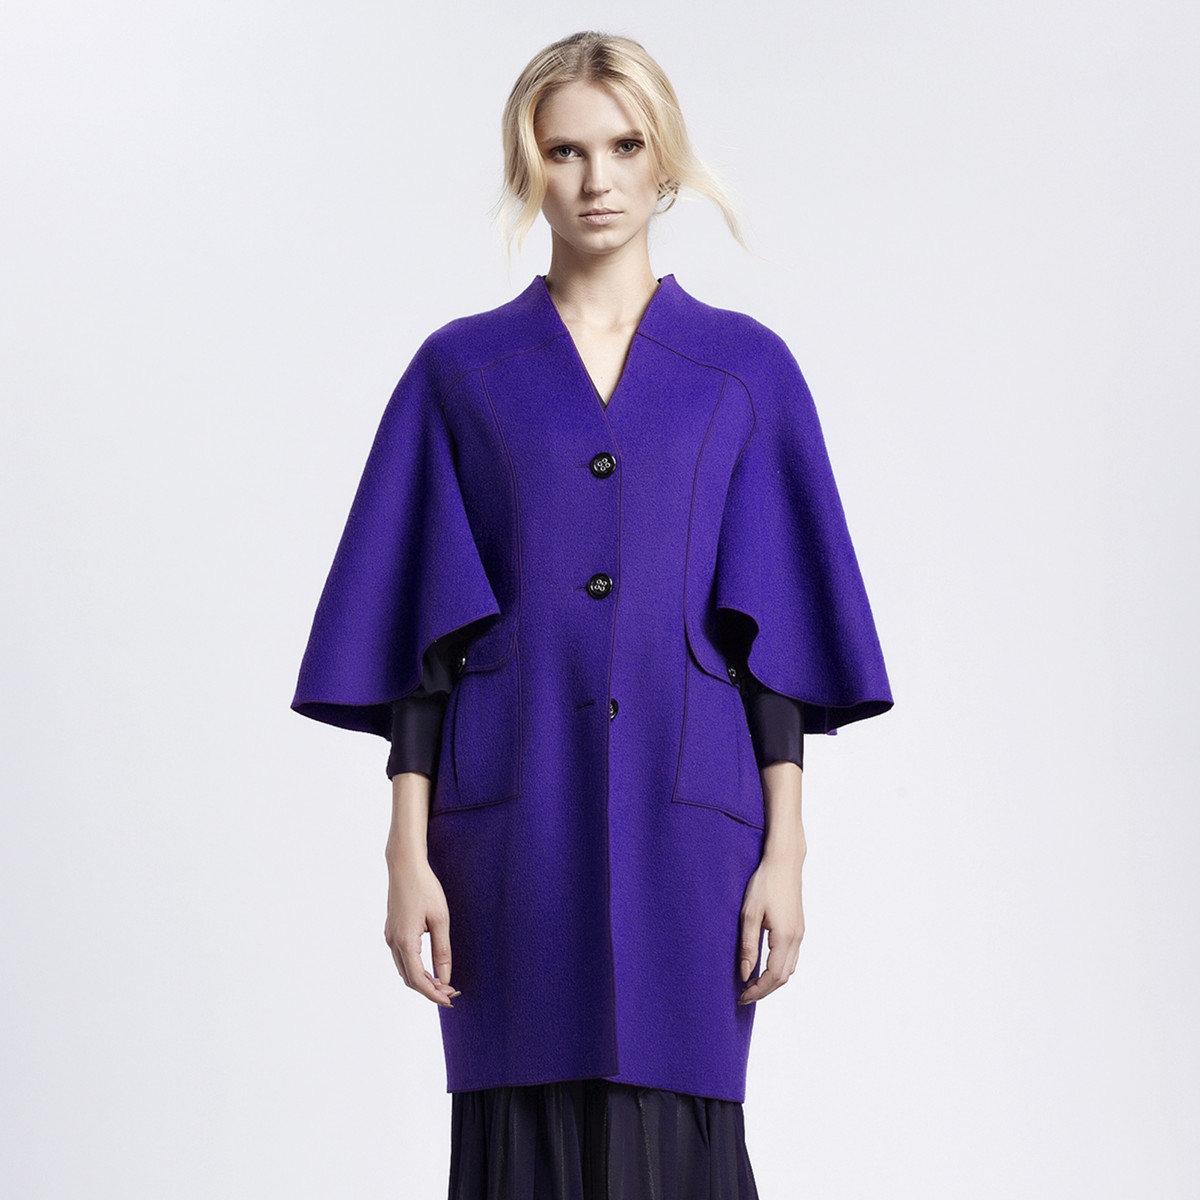 時尚紫色外套